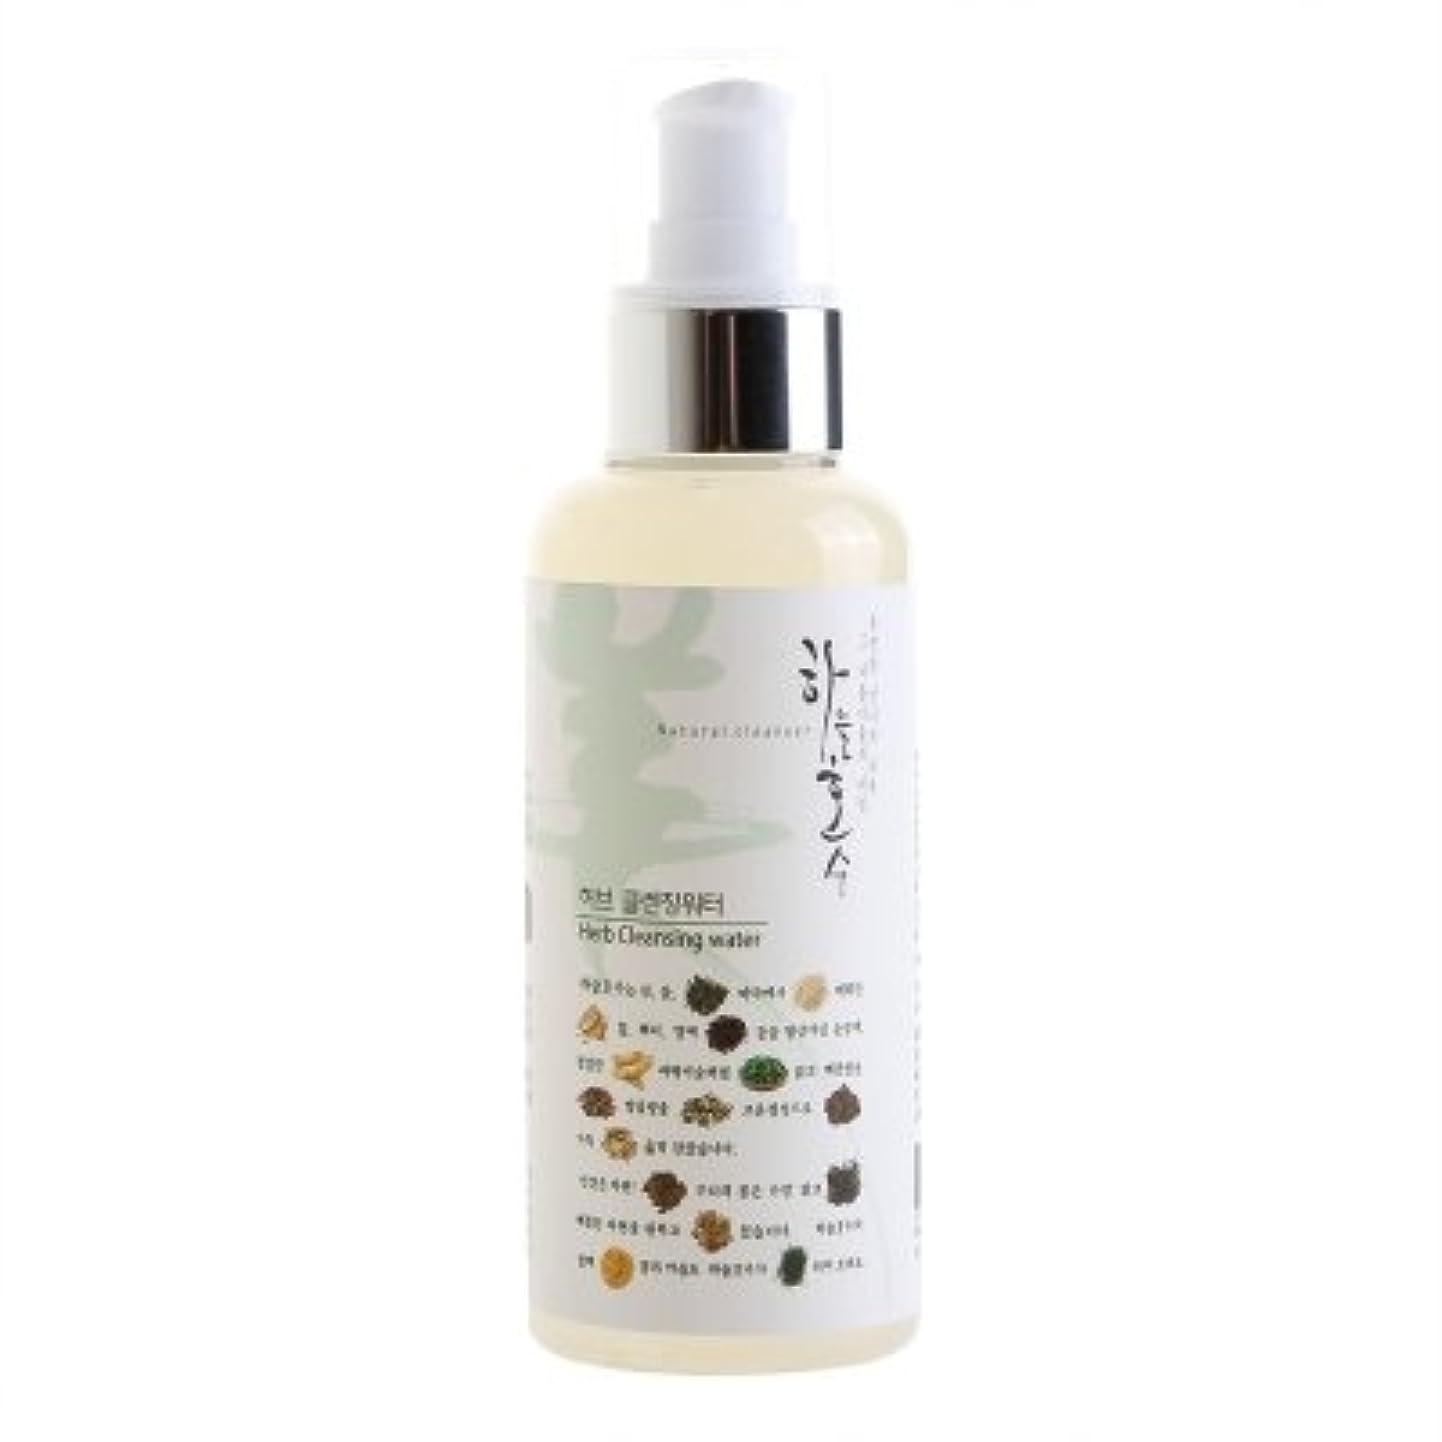 ぺディカブ側面雑草[ハヌルホス] Skylake [ハーブクレンジングウォーター (150ml)] (Herb Cleansing Water (150ml)) [並行輸入品]